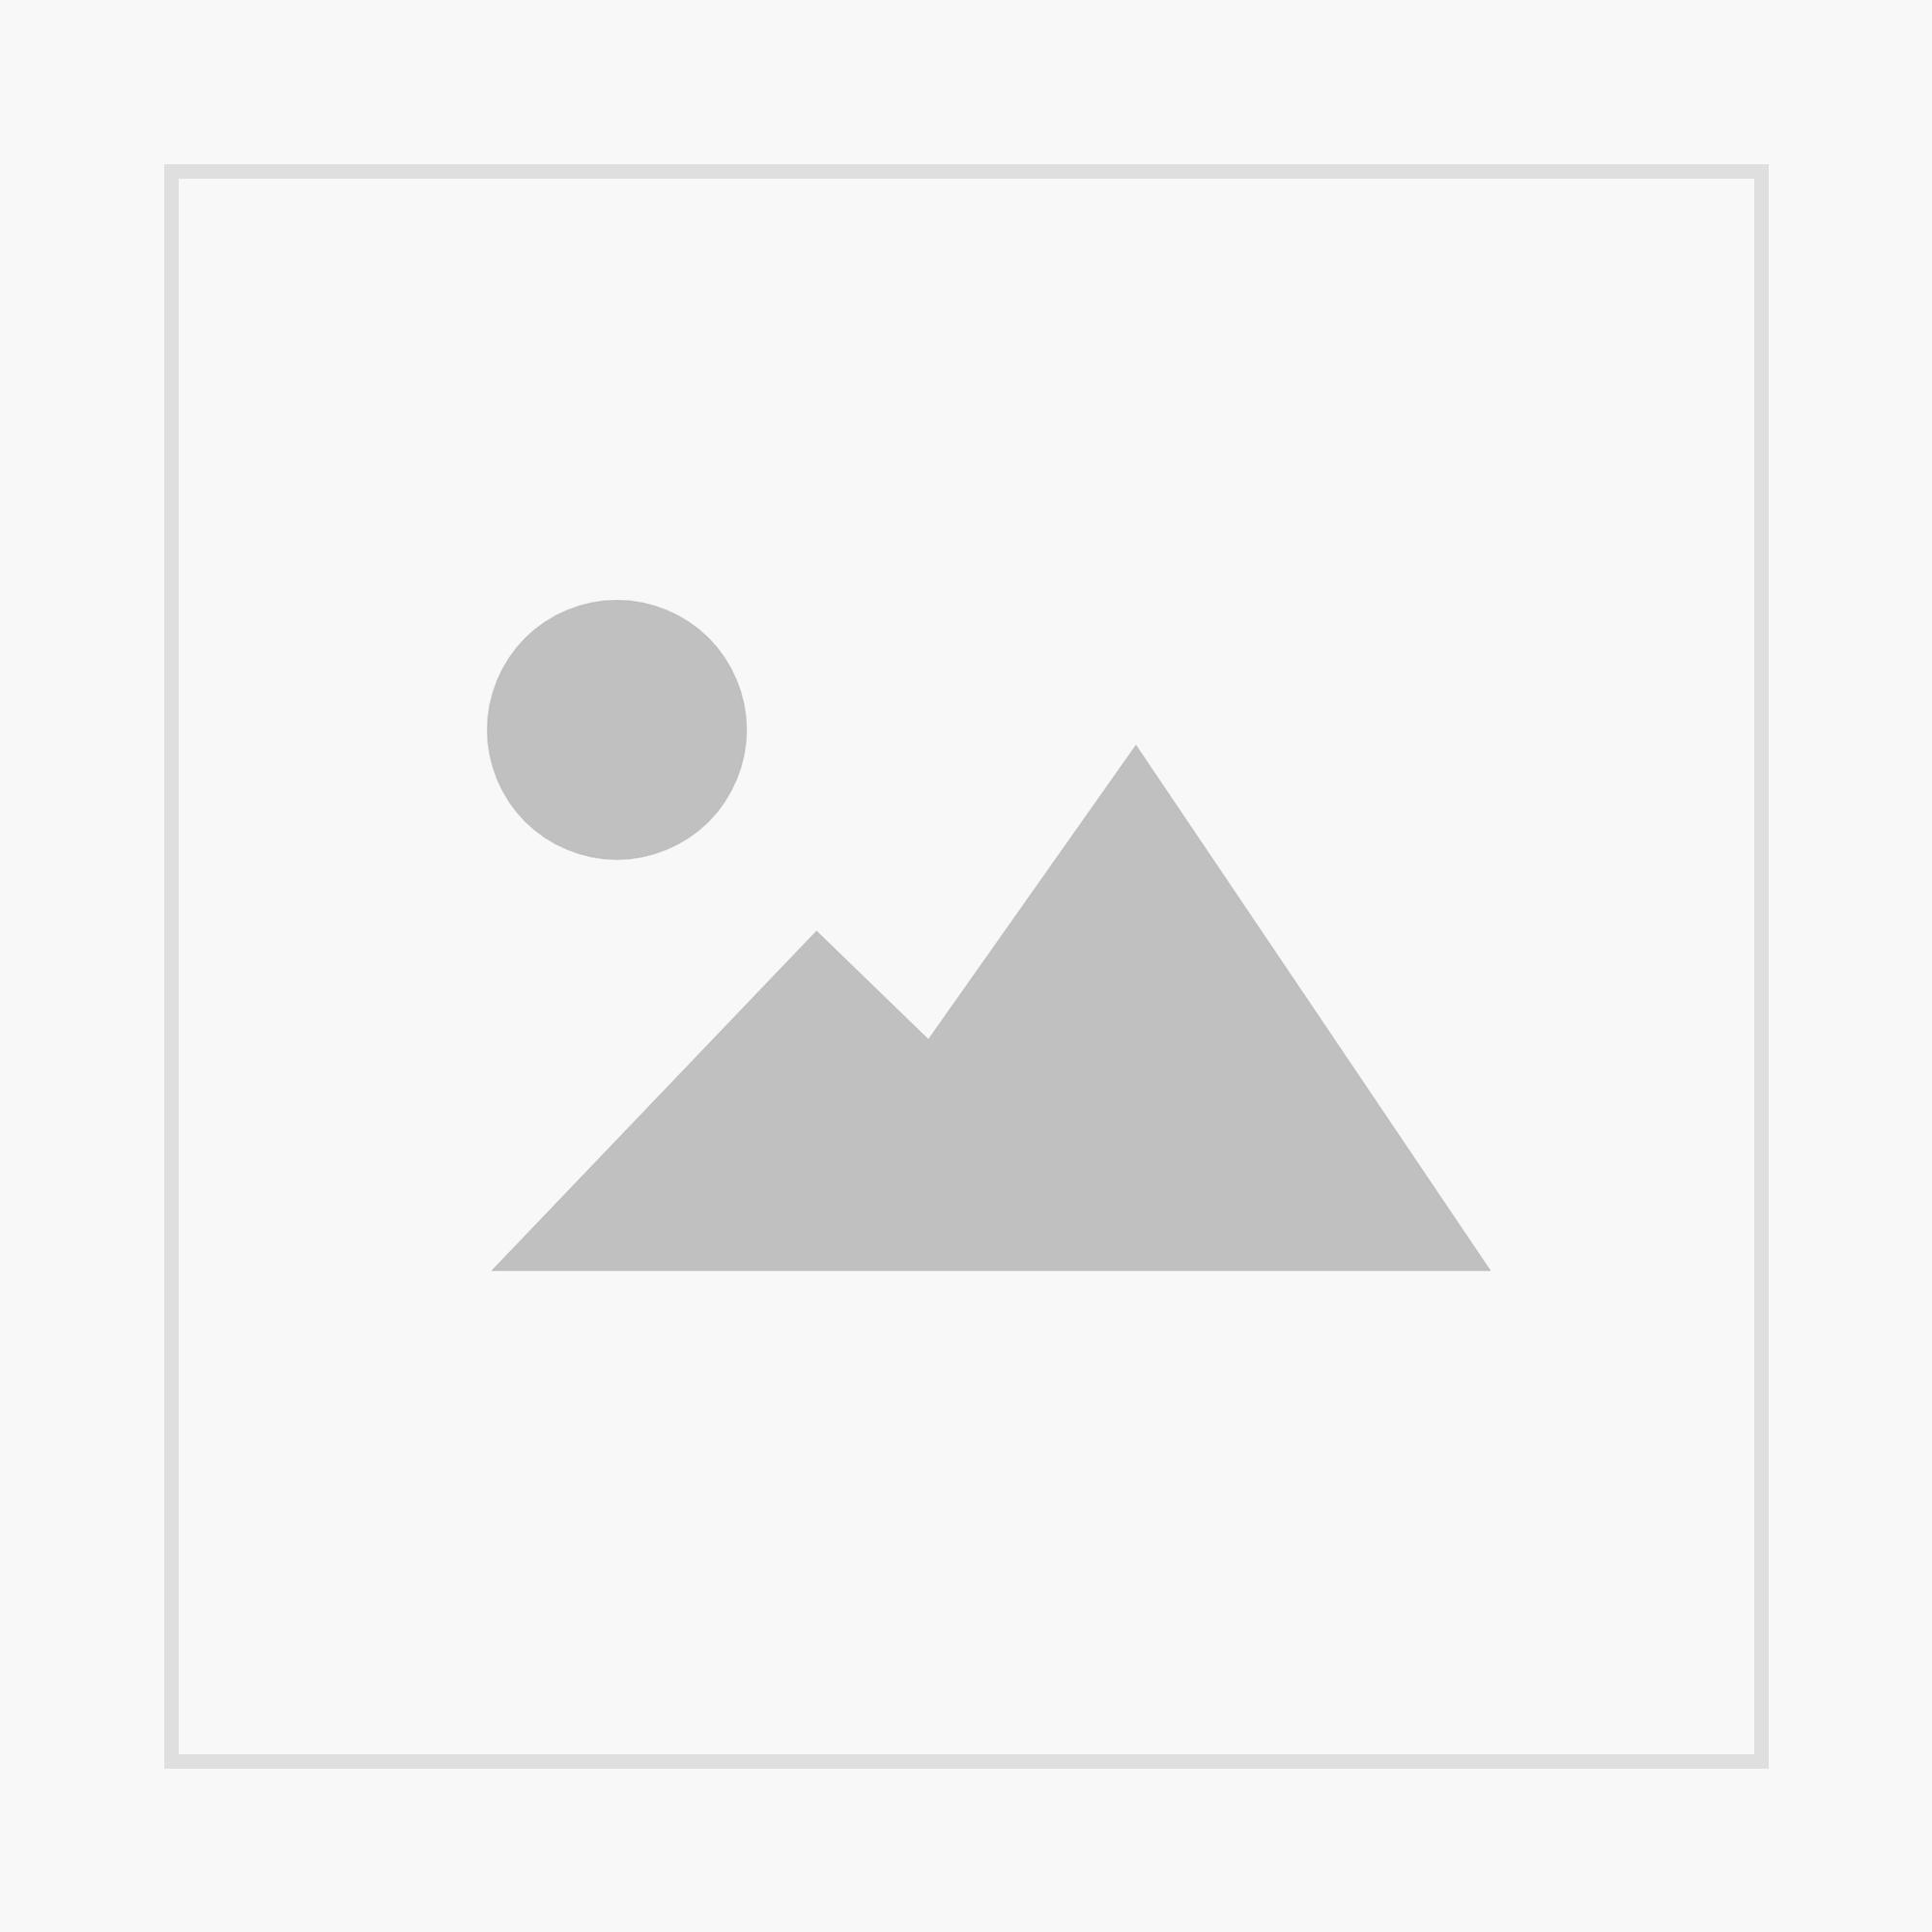 David gegen Goliath - Lemken